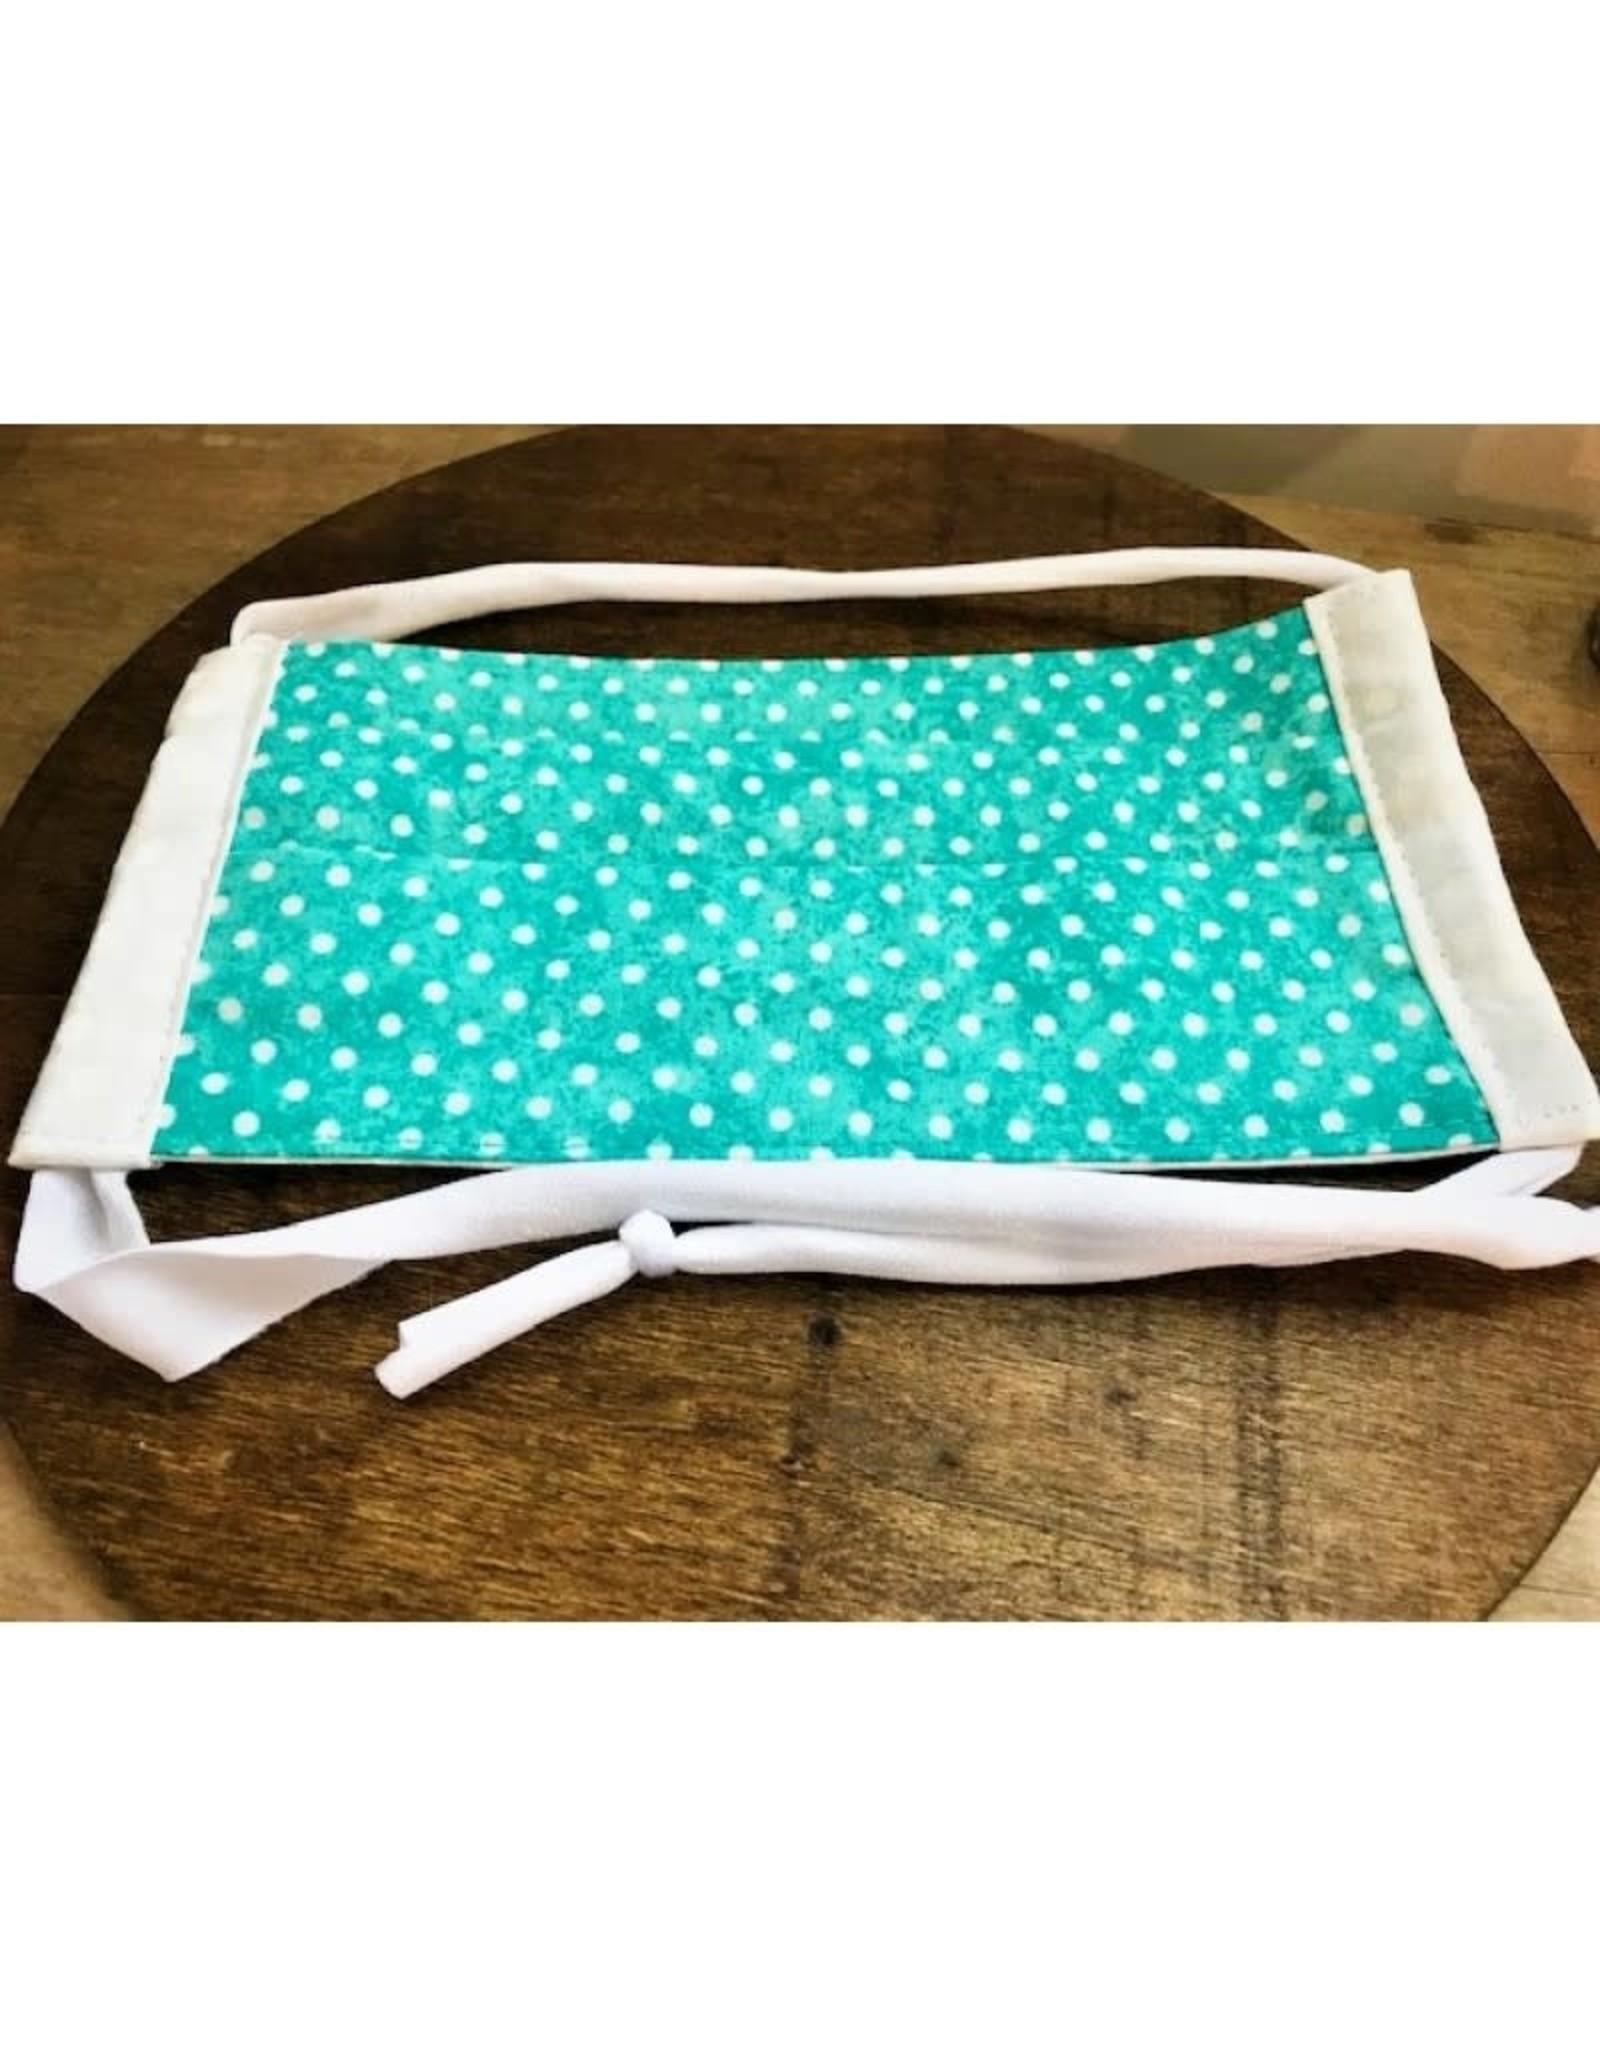 Bear Den Handmade Cotton Mask - Turquoise Polka Dot